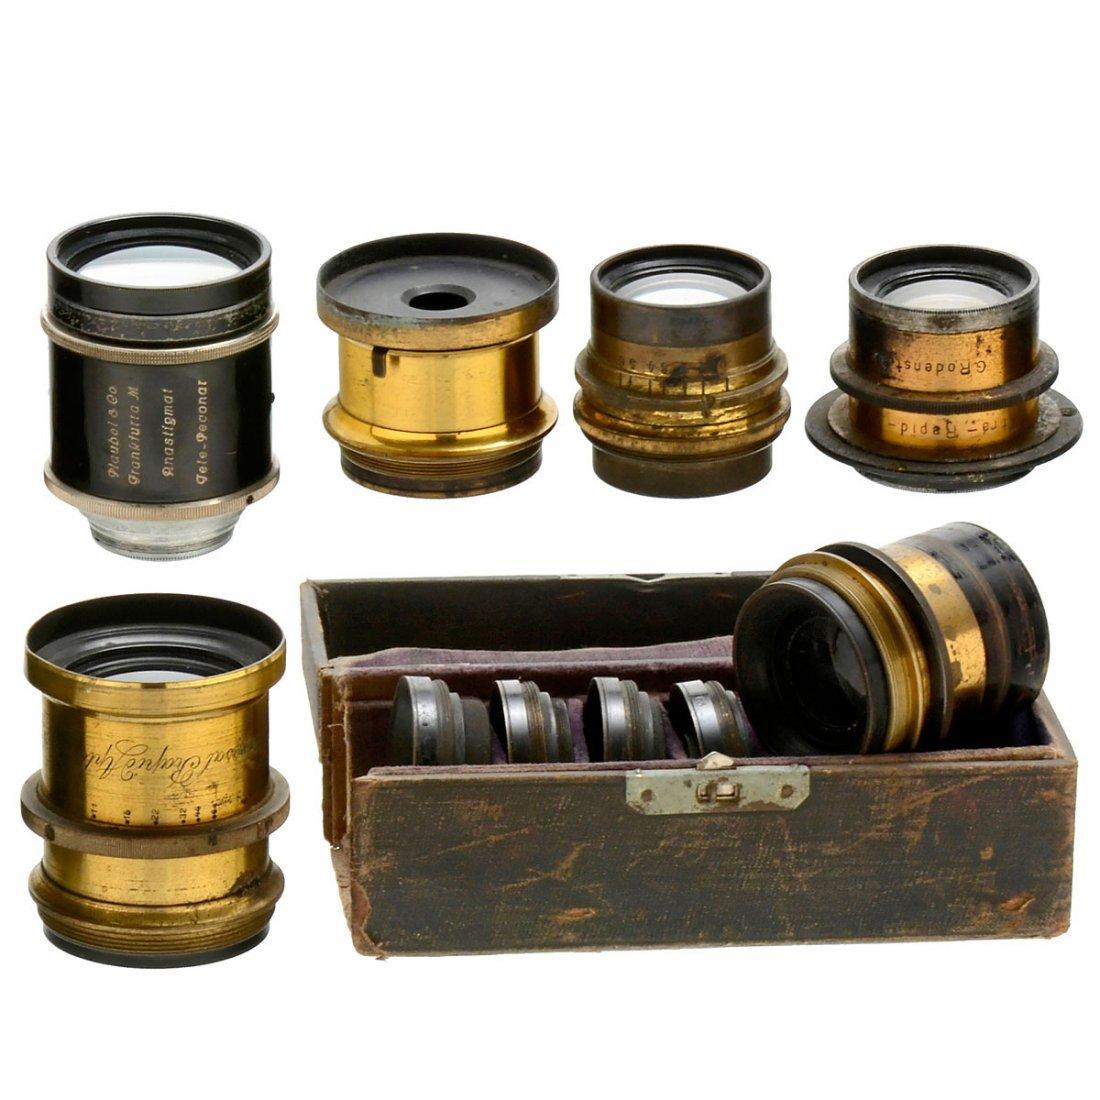 Lot of Brass Lenses, 1880 onwards